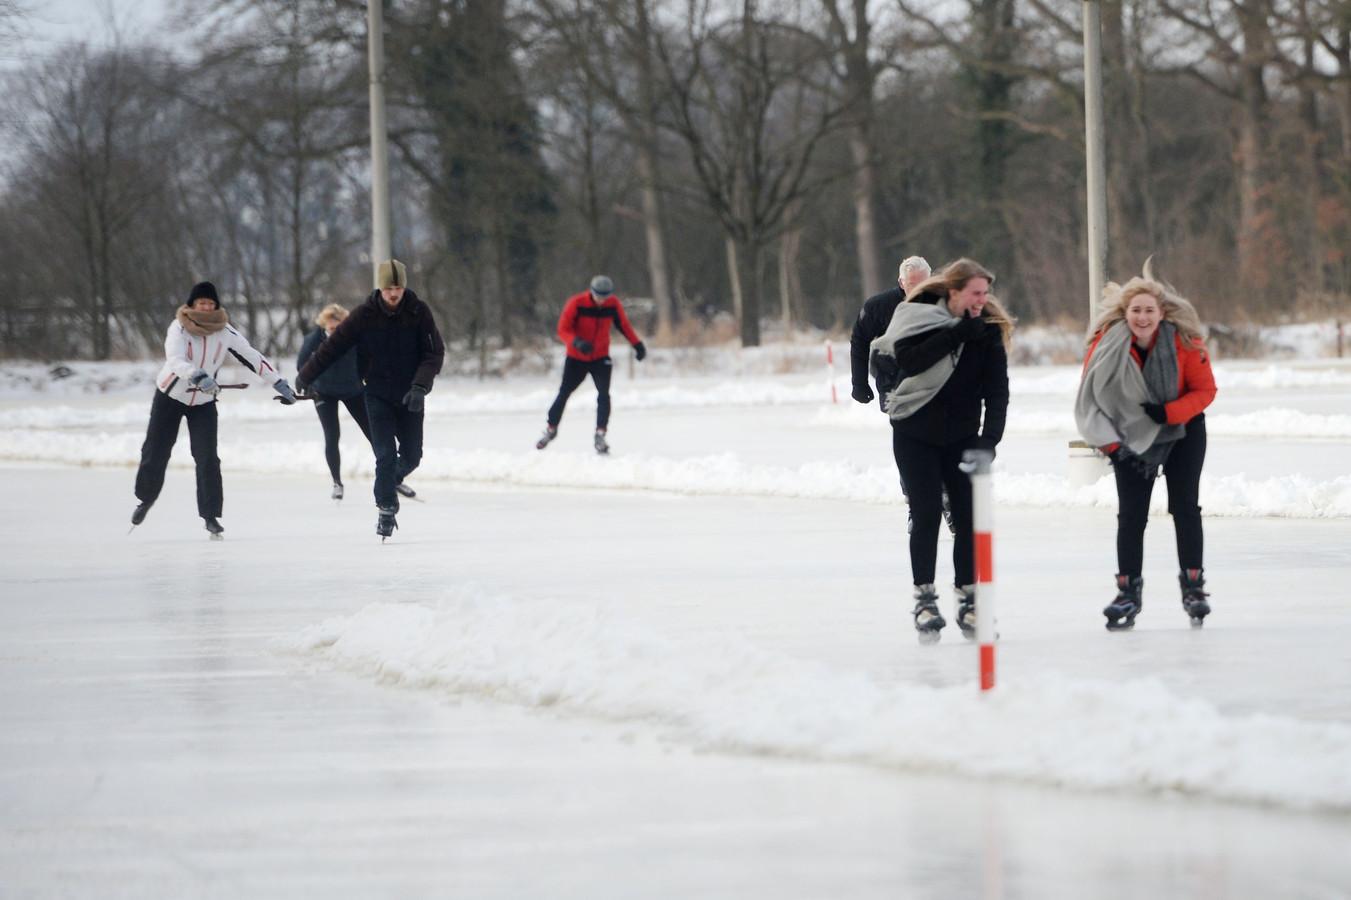 De ijsbaan in Zenderen werd vrijdag geopend.